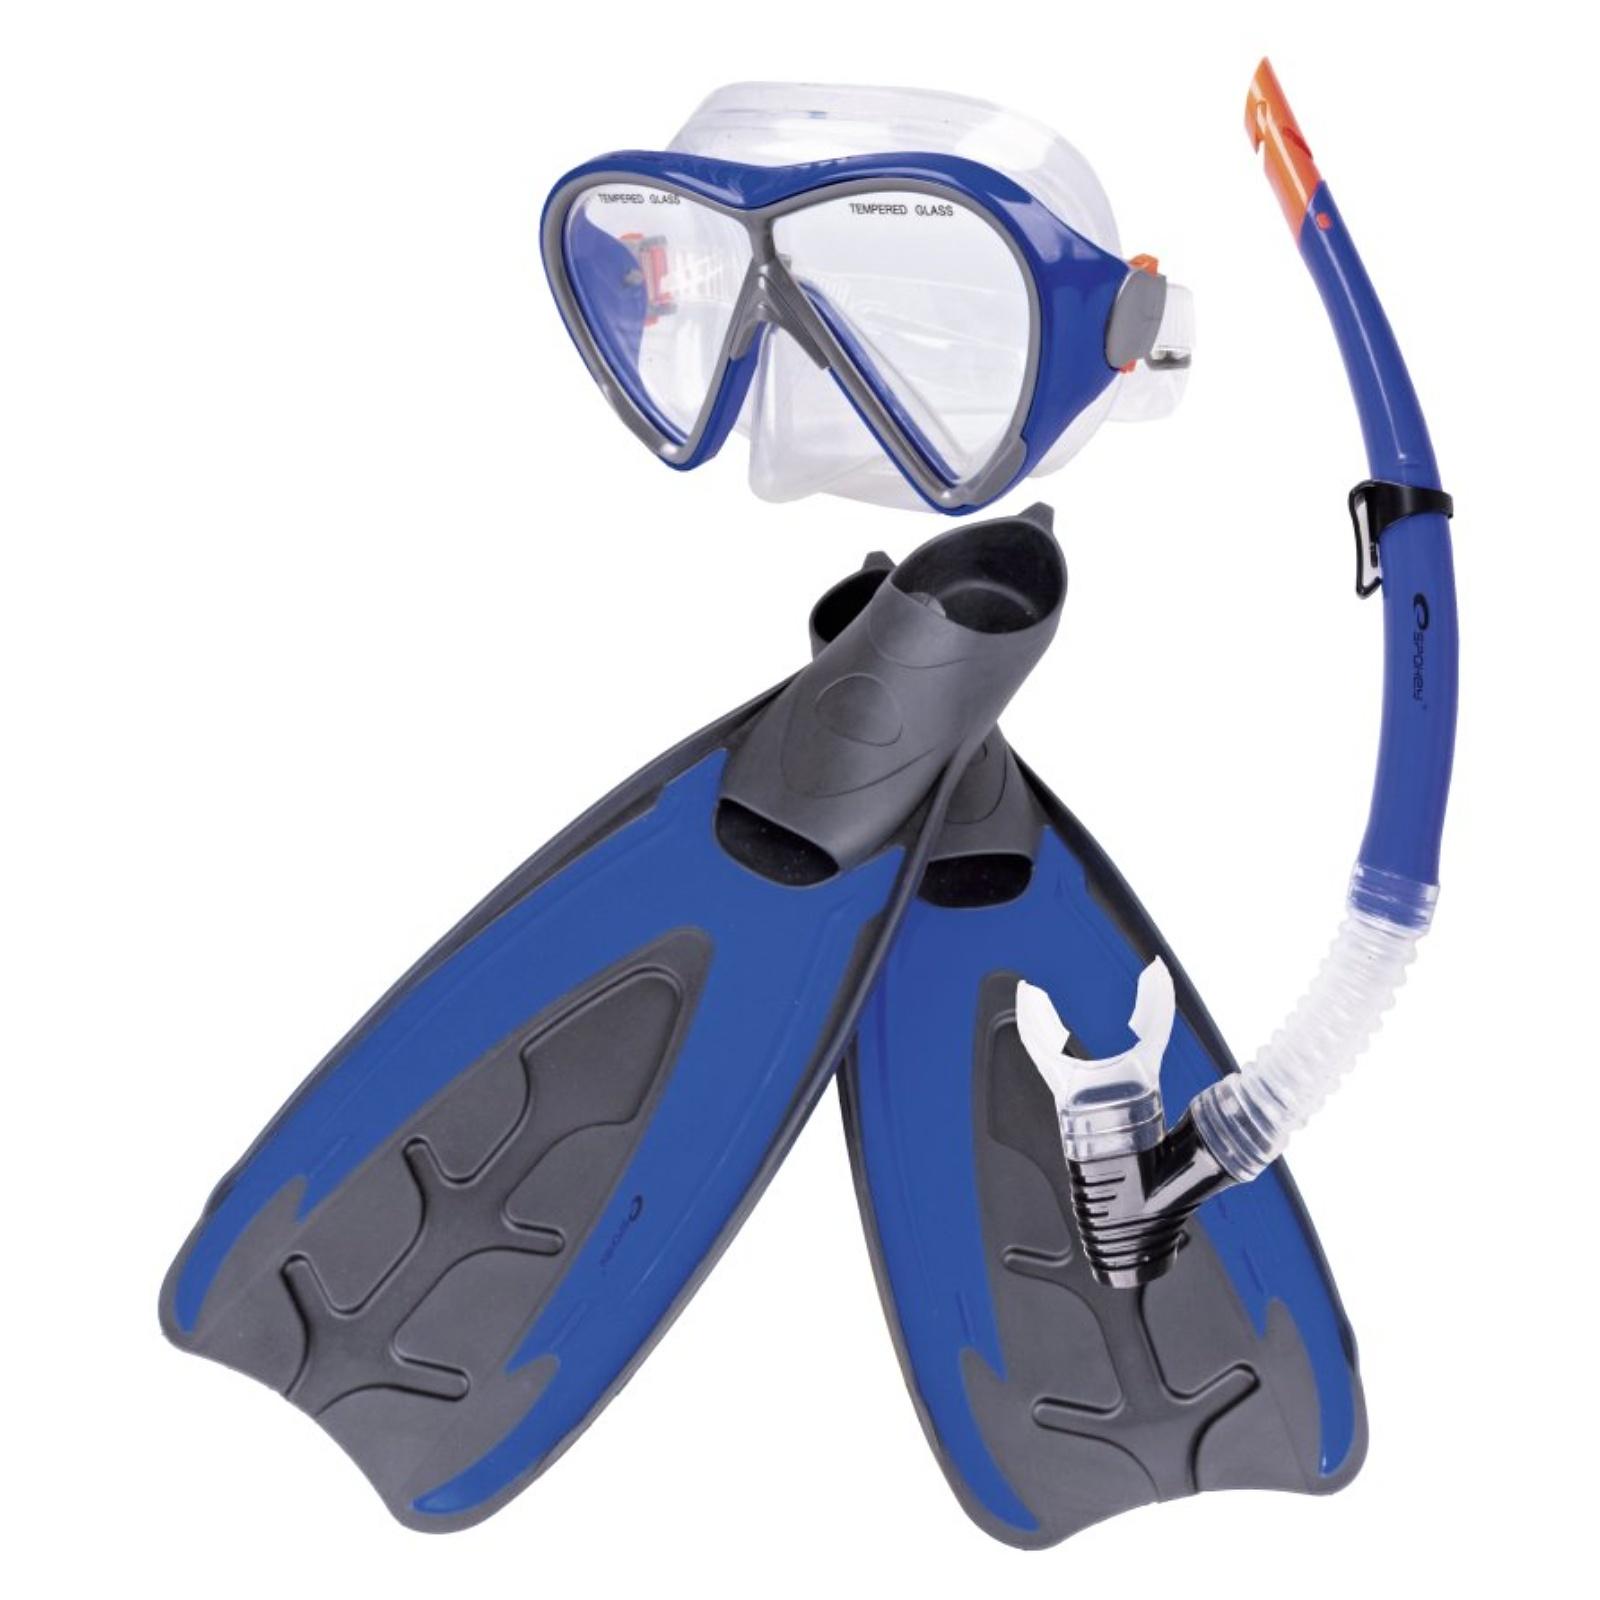 Potápěčský set SPOKEY Merquis - XL 45-46